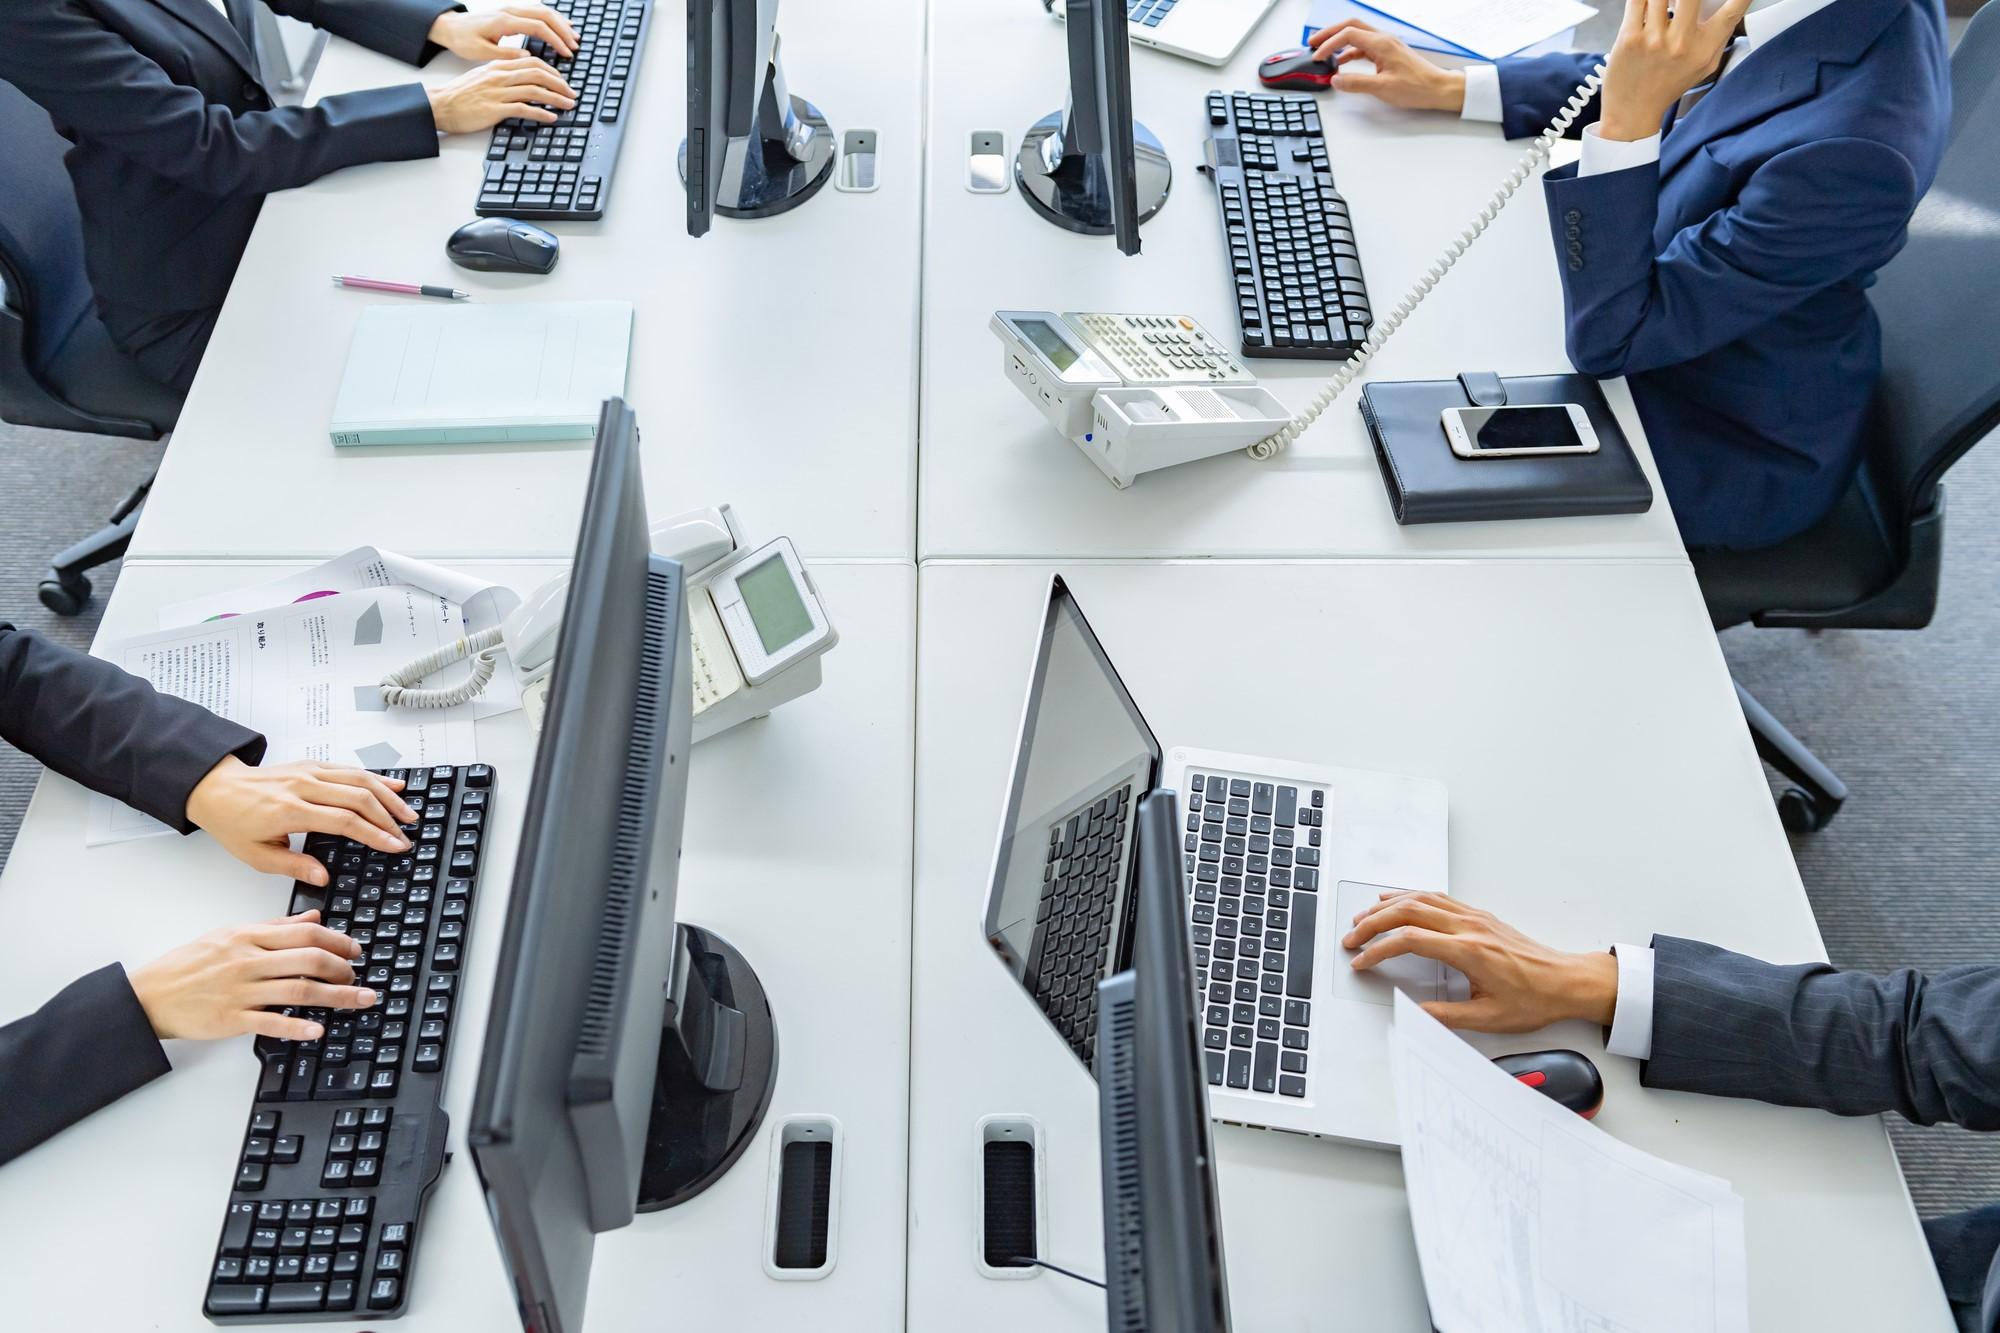 業務効率化にはどんなアイデアがある?10個の事例を交えつつ成功のコツを紹介!